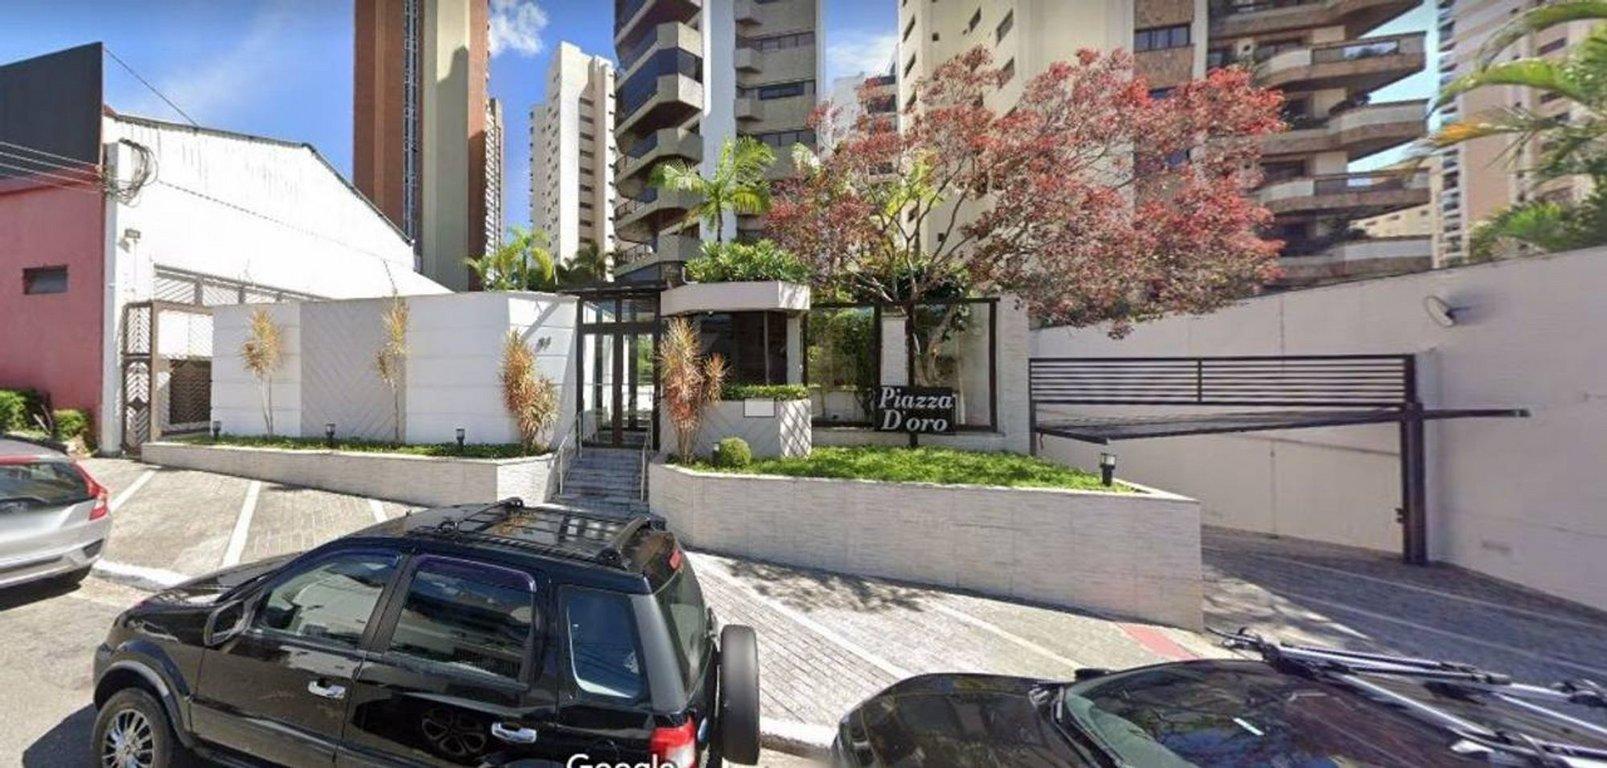 Fachada do Condomínio Plaza Doro